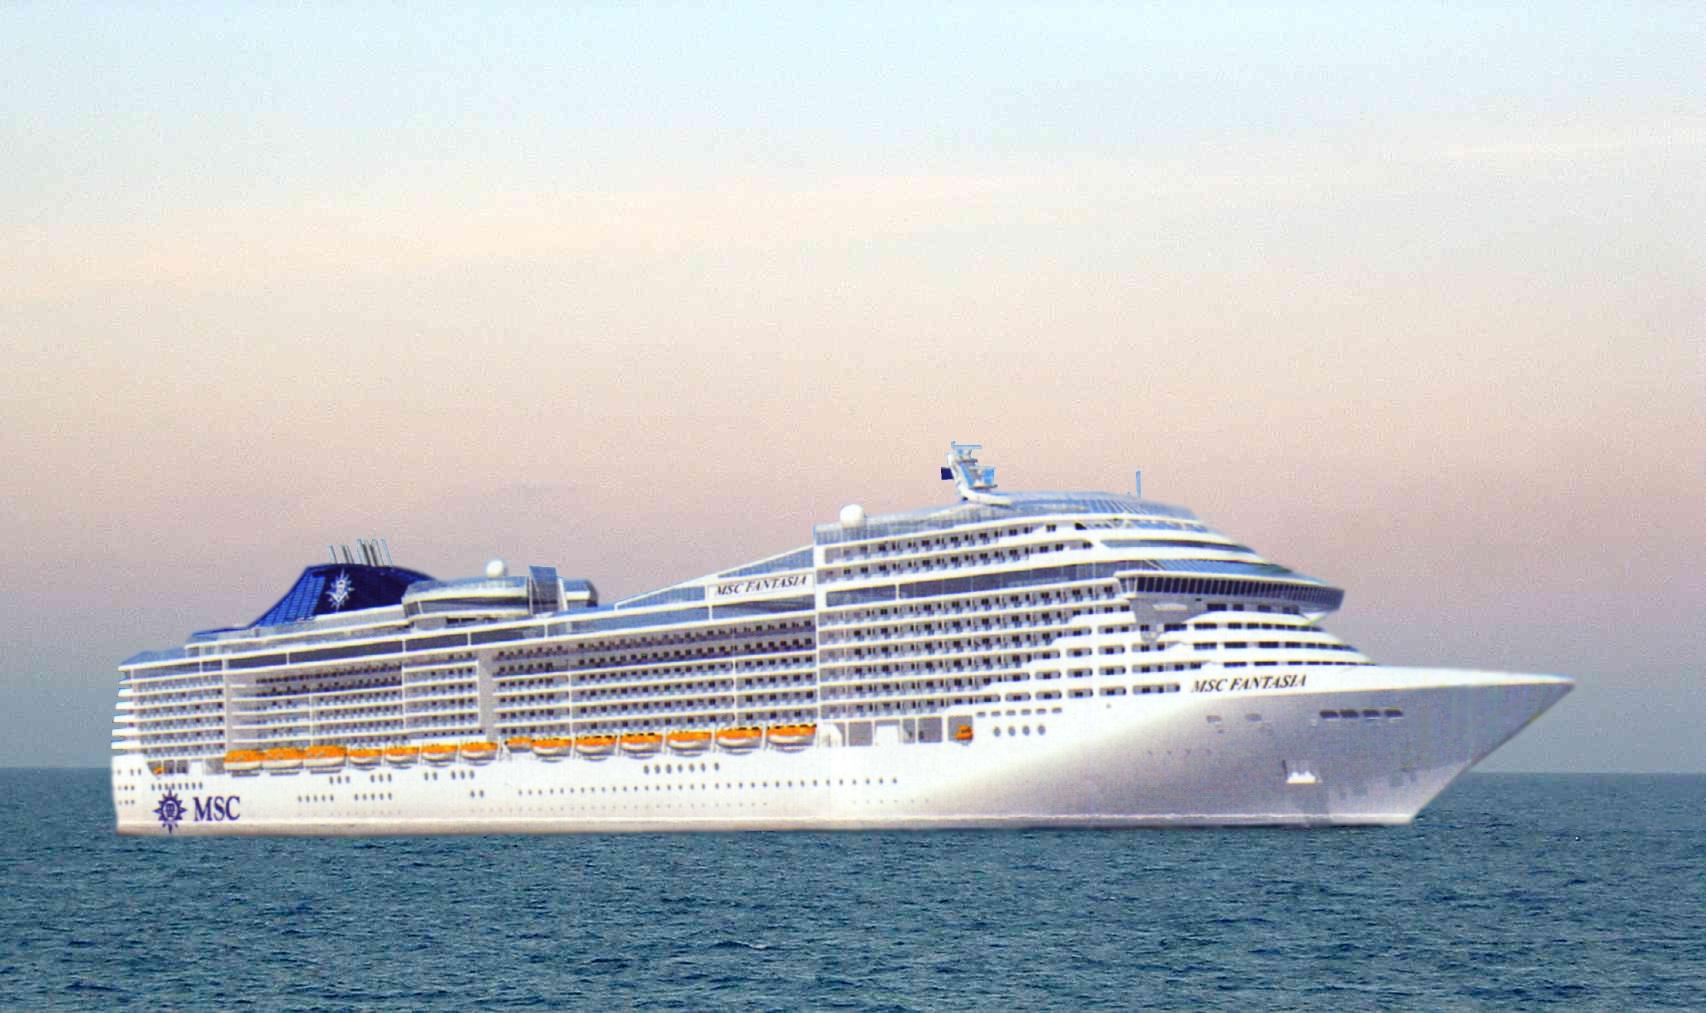 Offerta compleanno msc crociera gratis tra dicembre e gennaio for Cabina interna su una nave da crociera